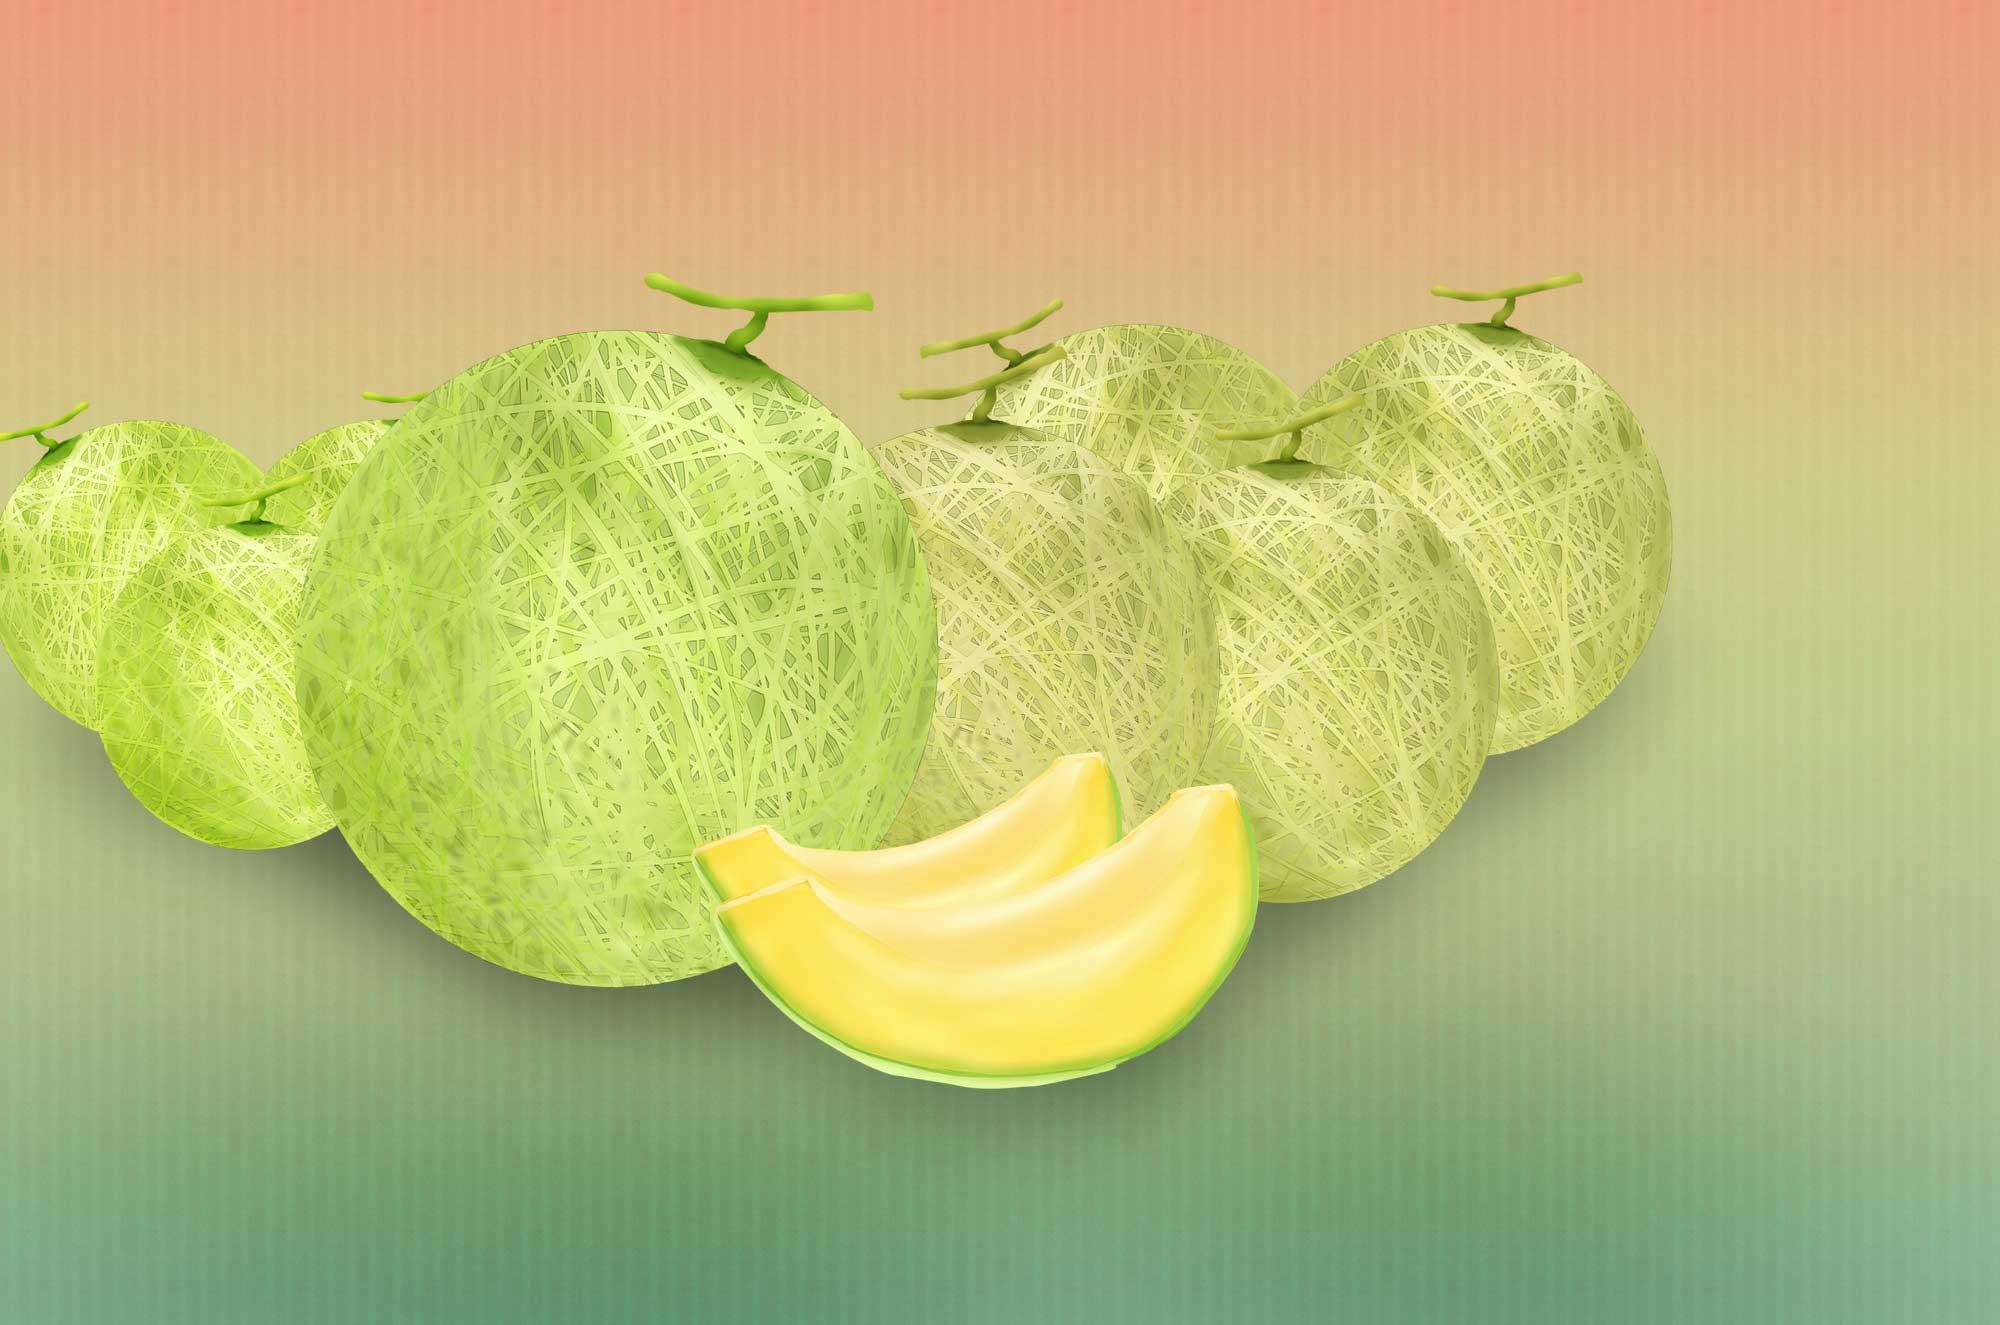 メロンイラスト 無料でダウンロード可能な果物素材 チコデザ